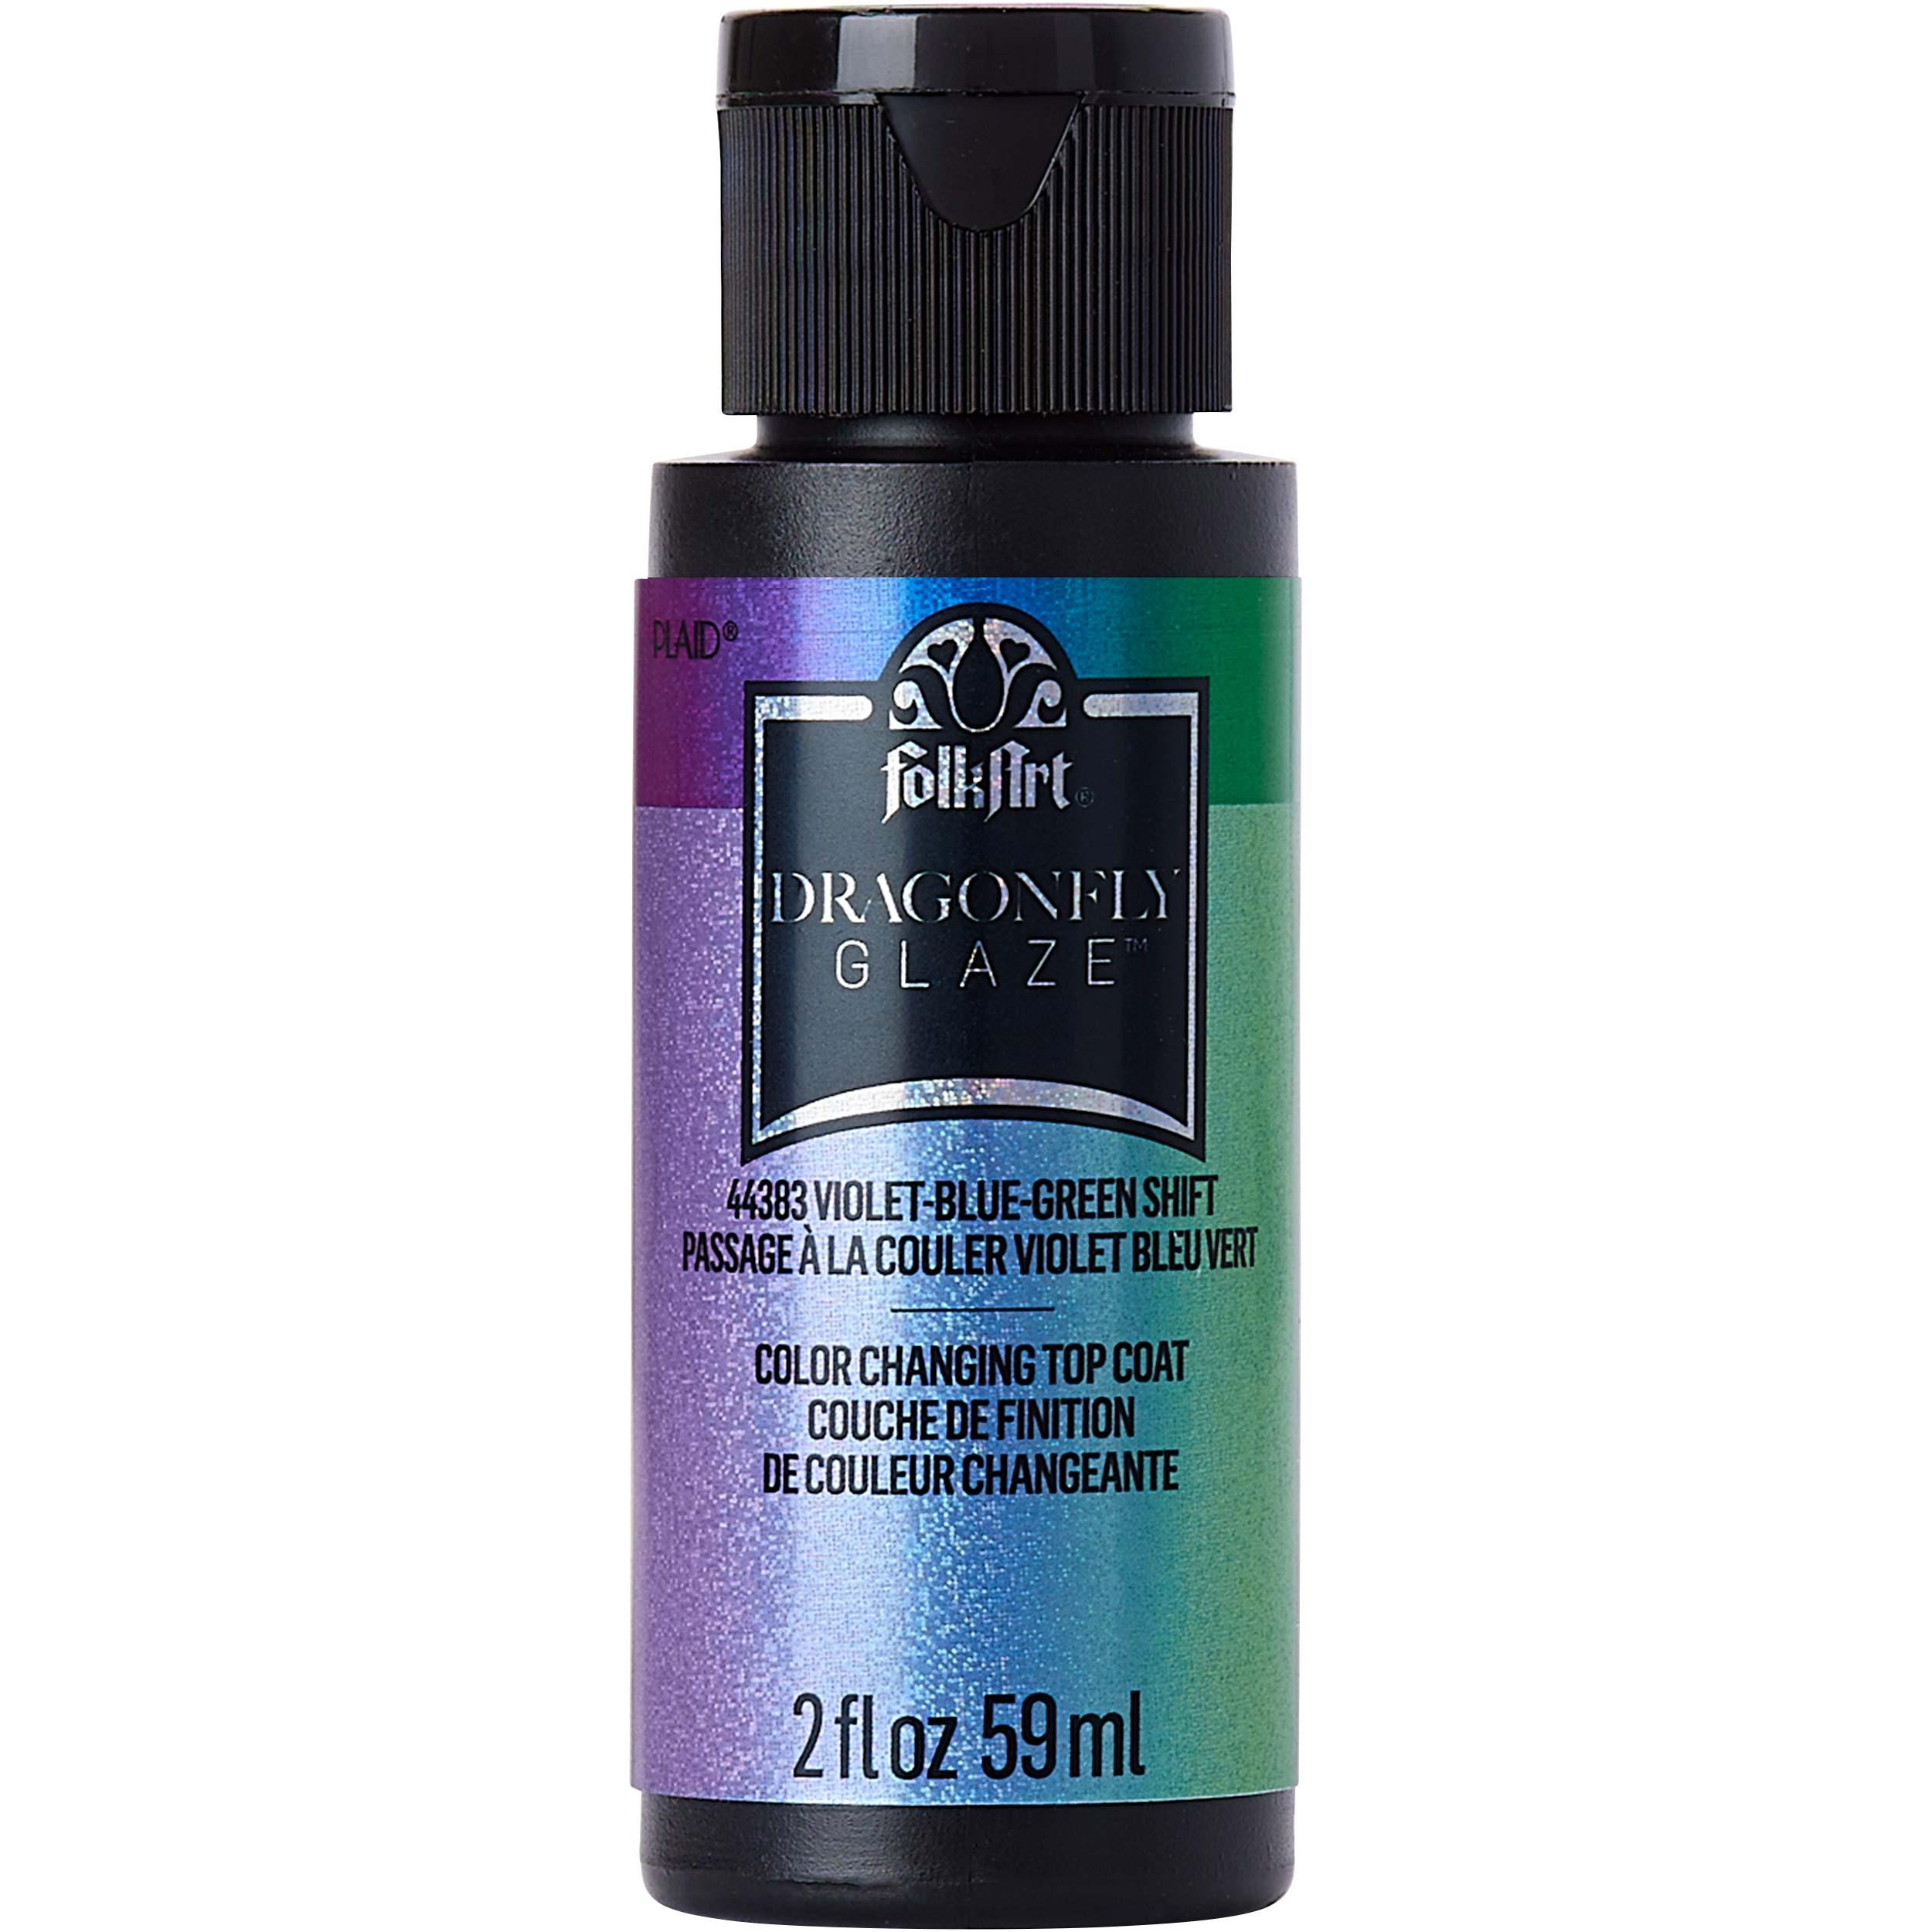 FolkArt ® Dragonfly Glaze™ - Violet-Blue-Green, 2 oz. - 44383